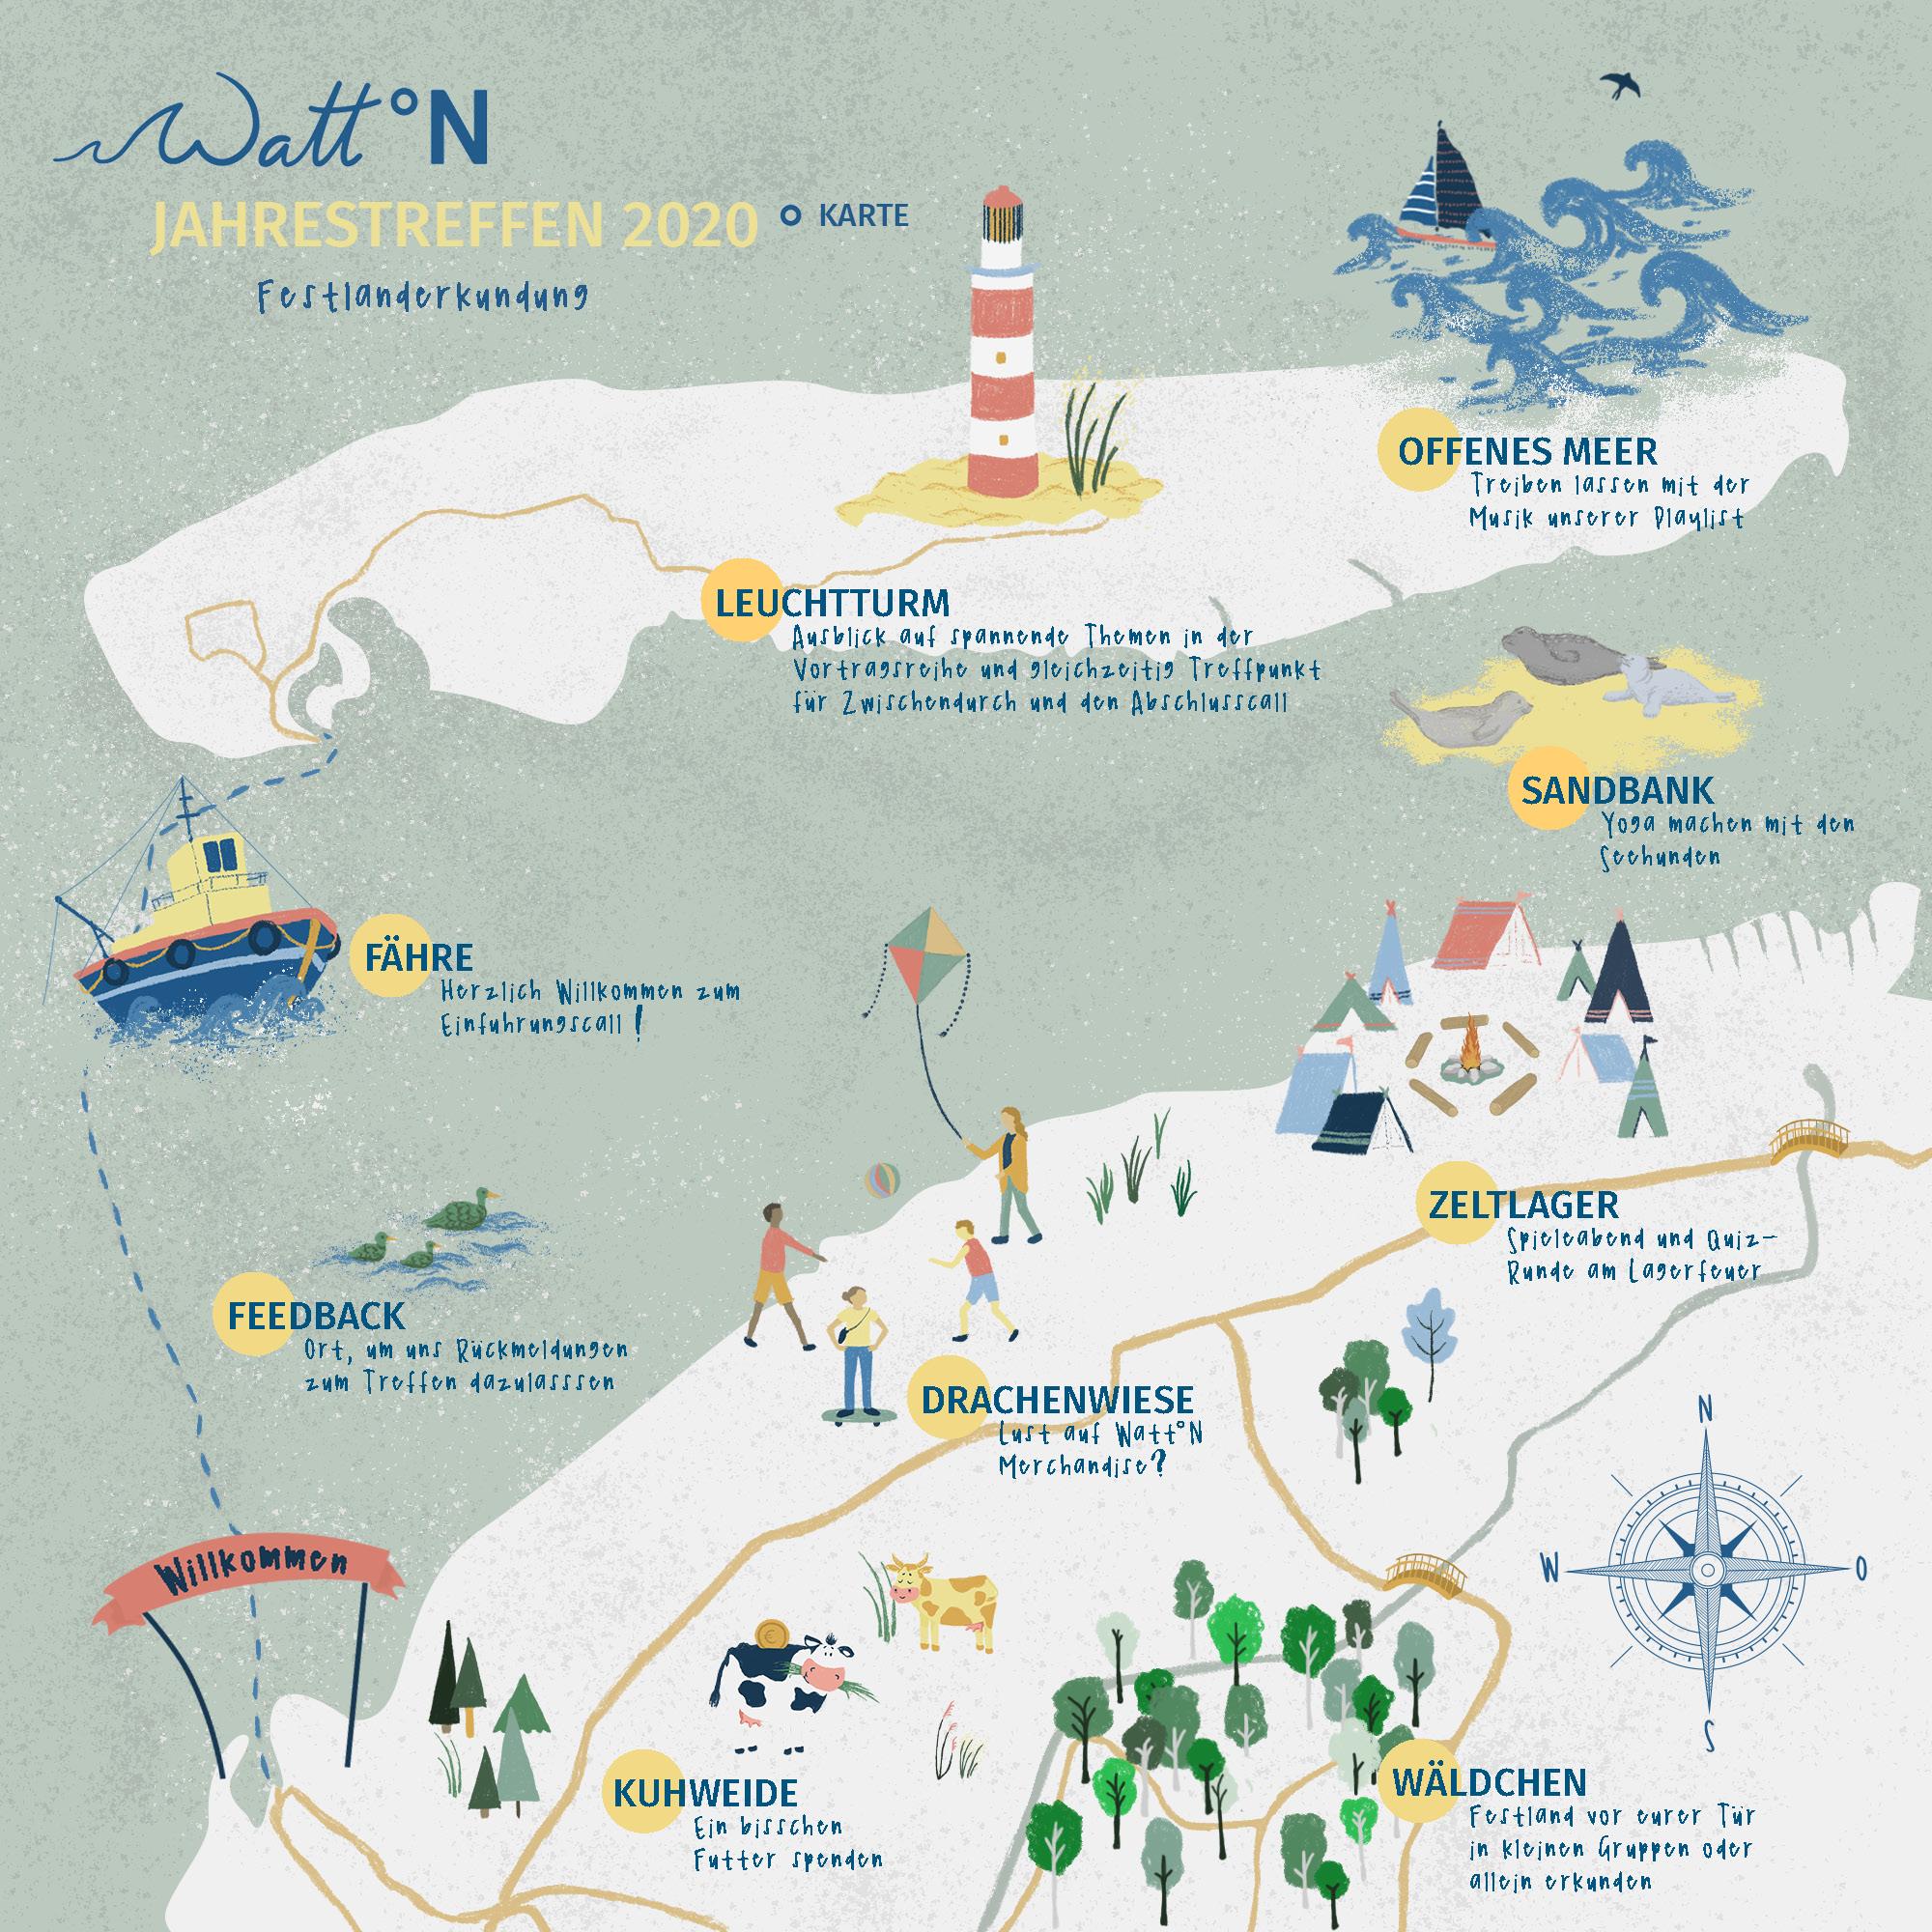 Wunderschöne Karte für das Jahrestreffen.